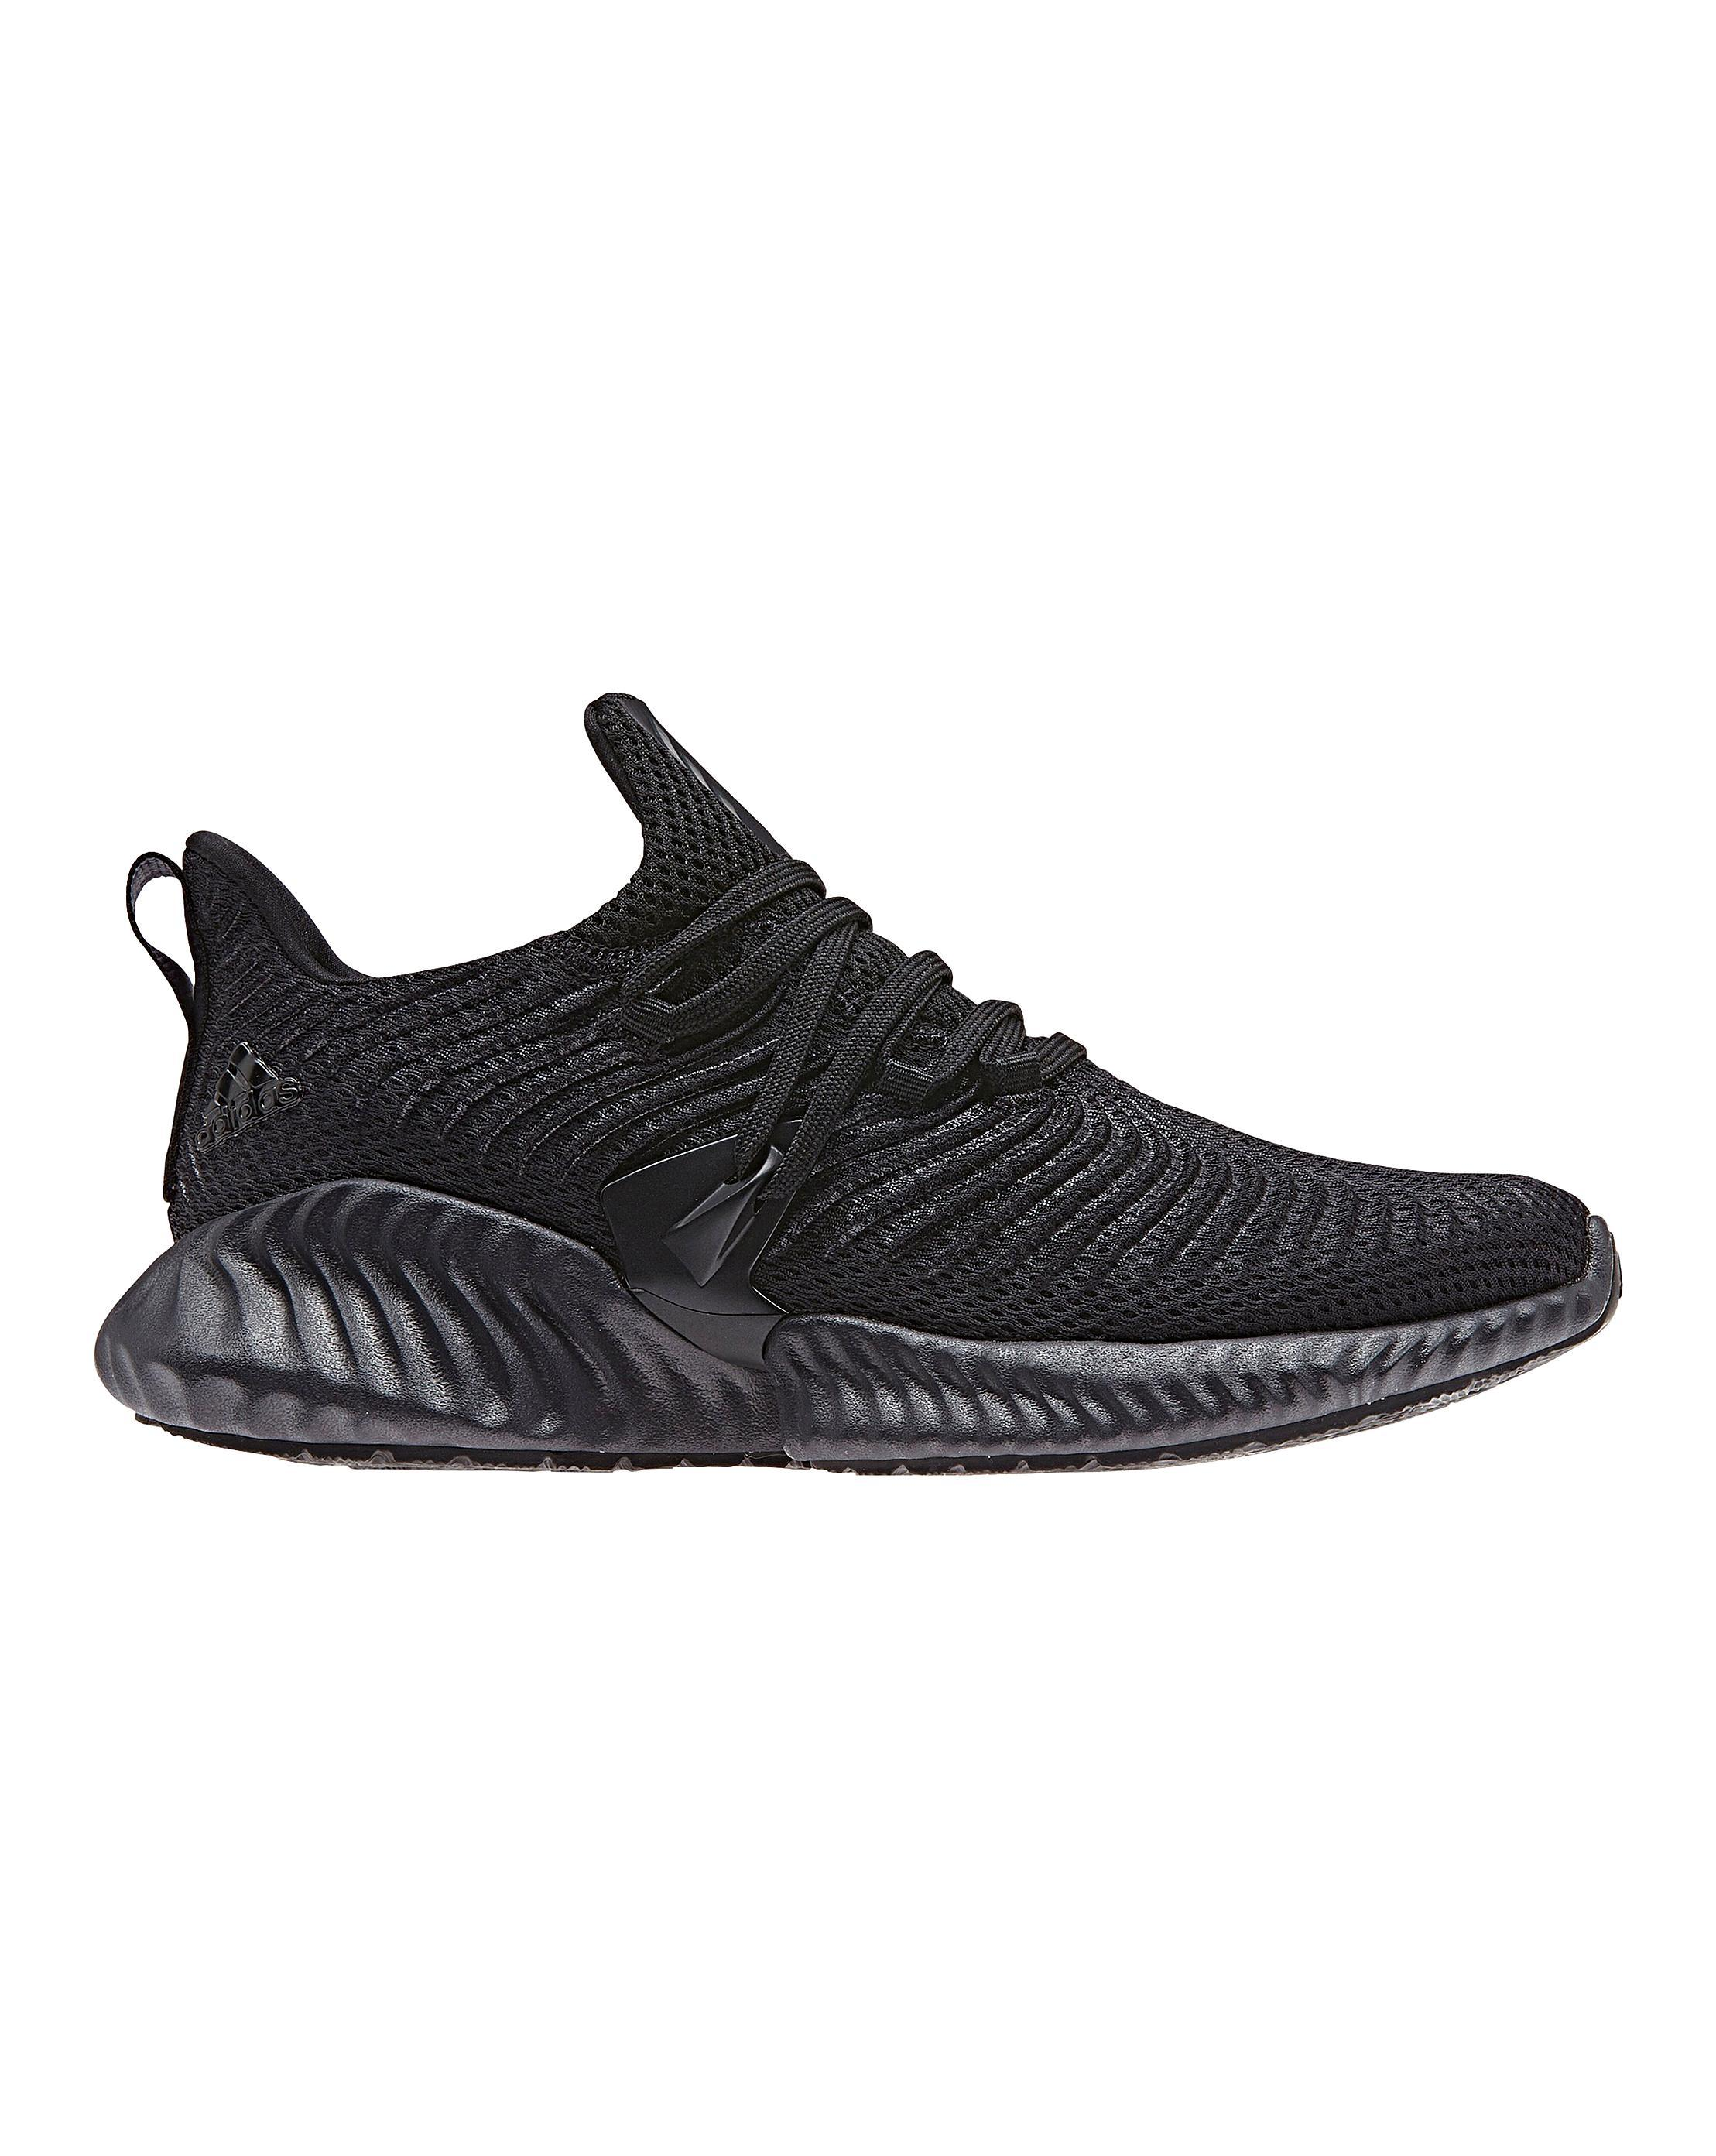 promo code a7f7e e0611 Simply Be. Mens Black Adidas Alphabounce Instinct Sneakers